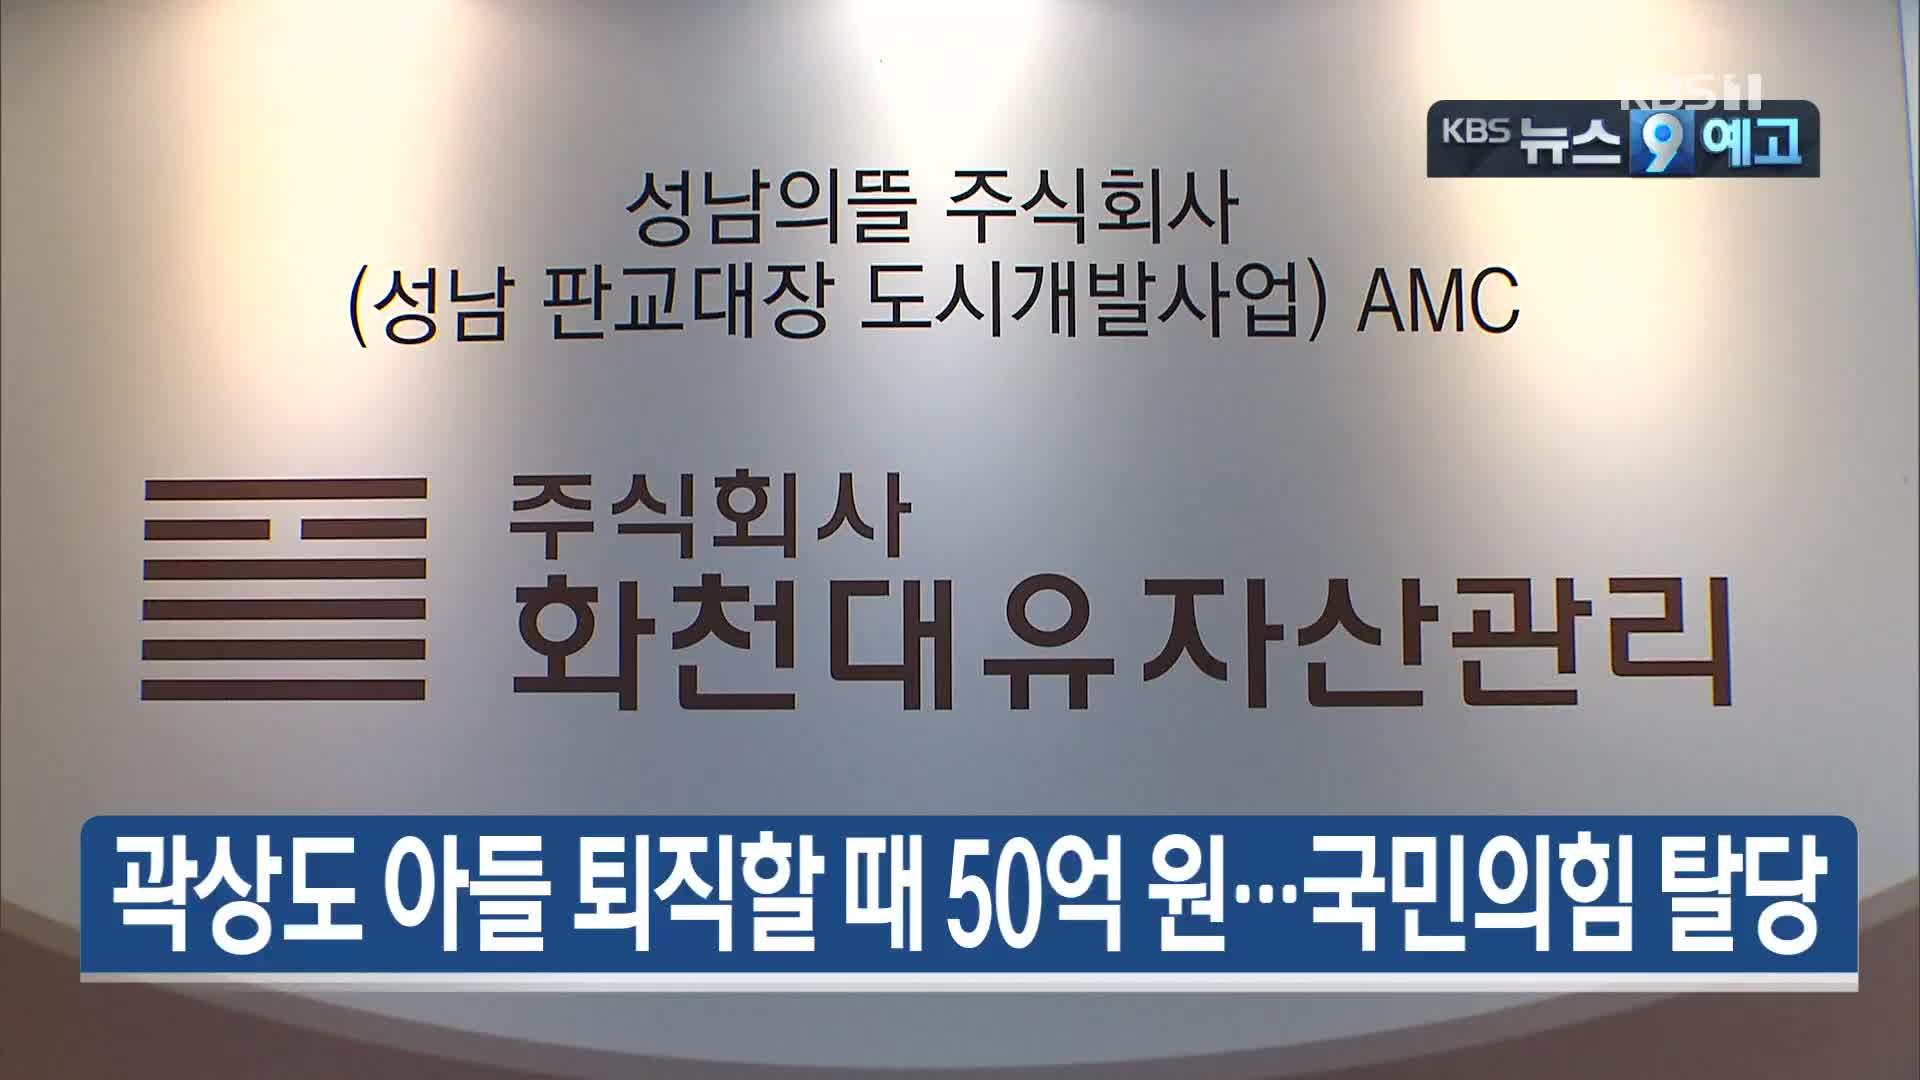 [9월 26일] 미리보는 KBS뉴스9